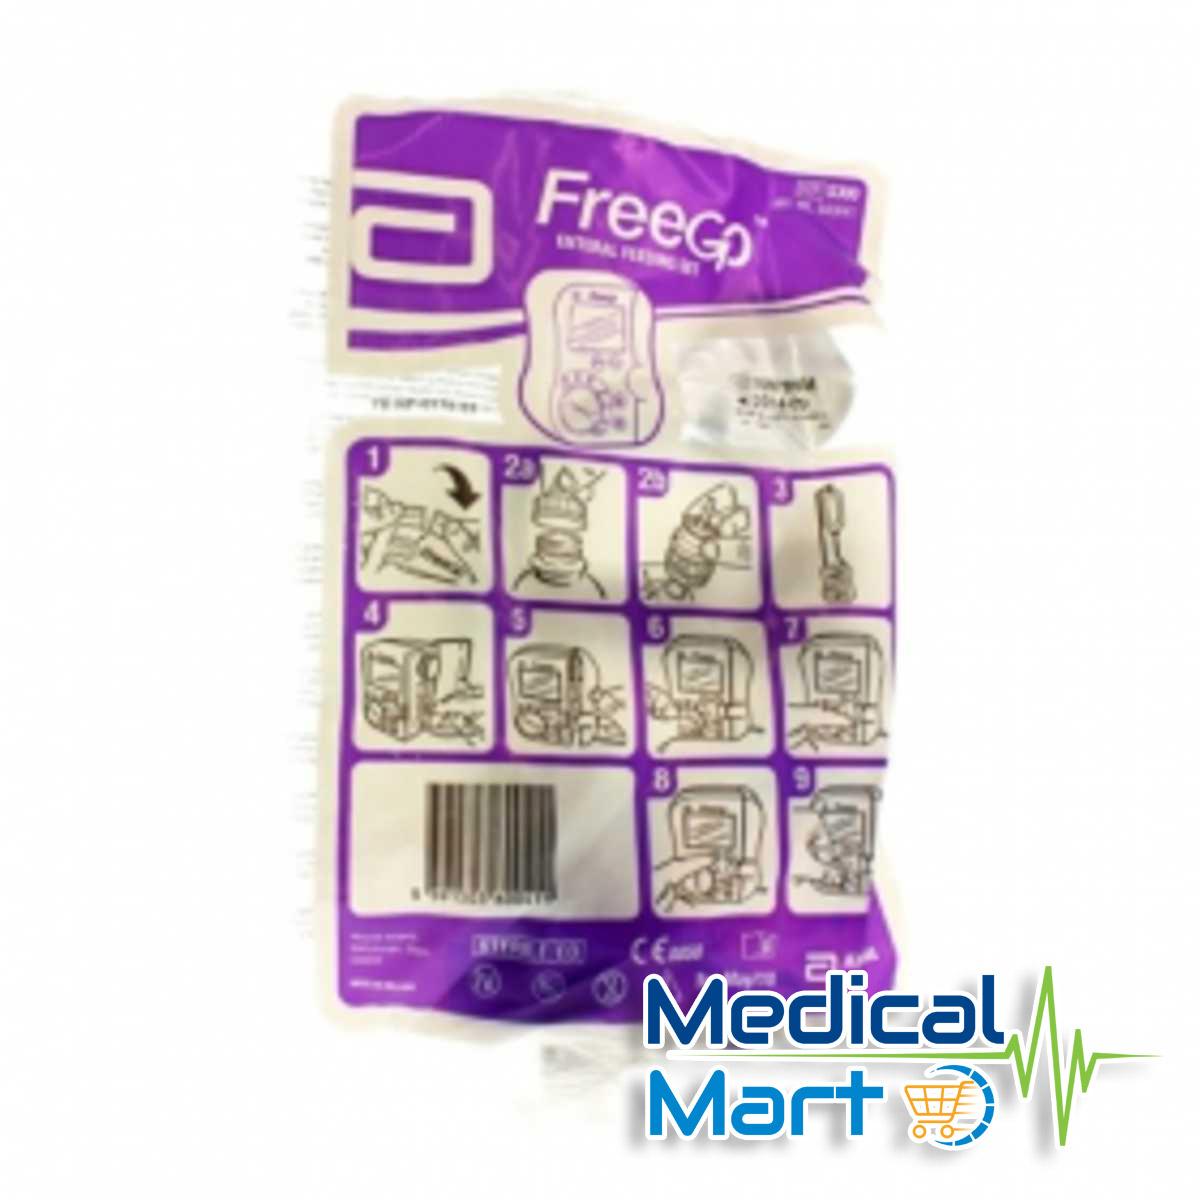 Freego Feeding Bag